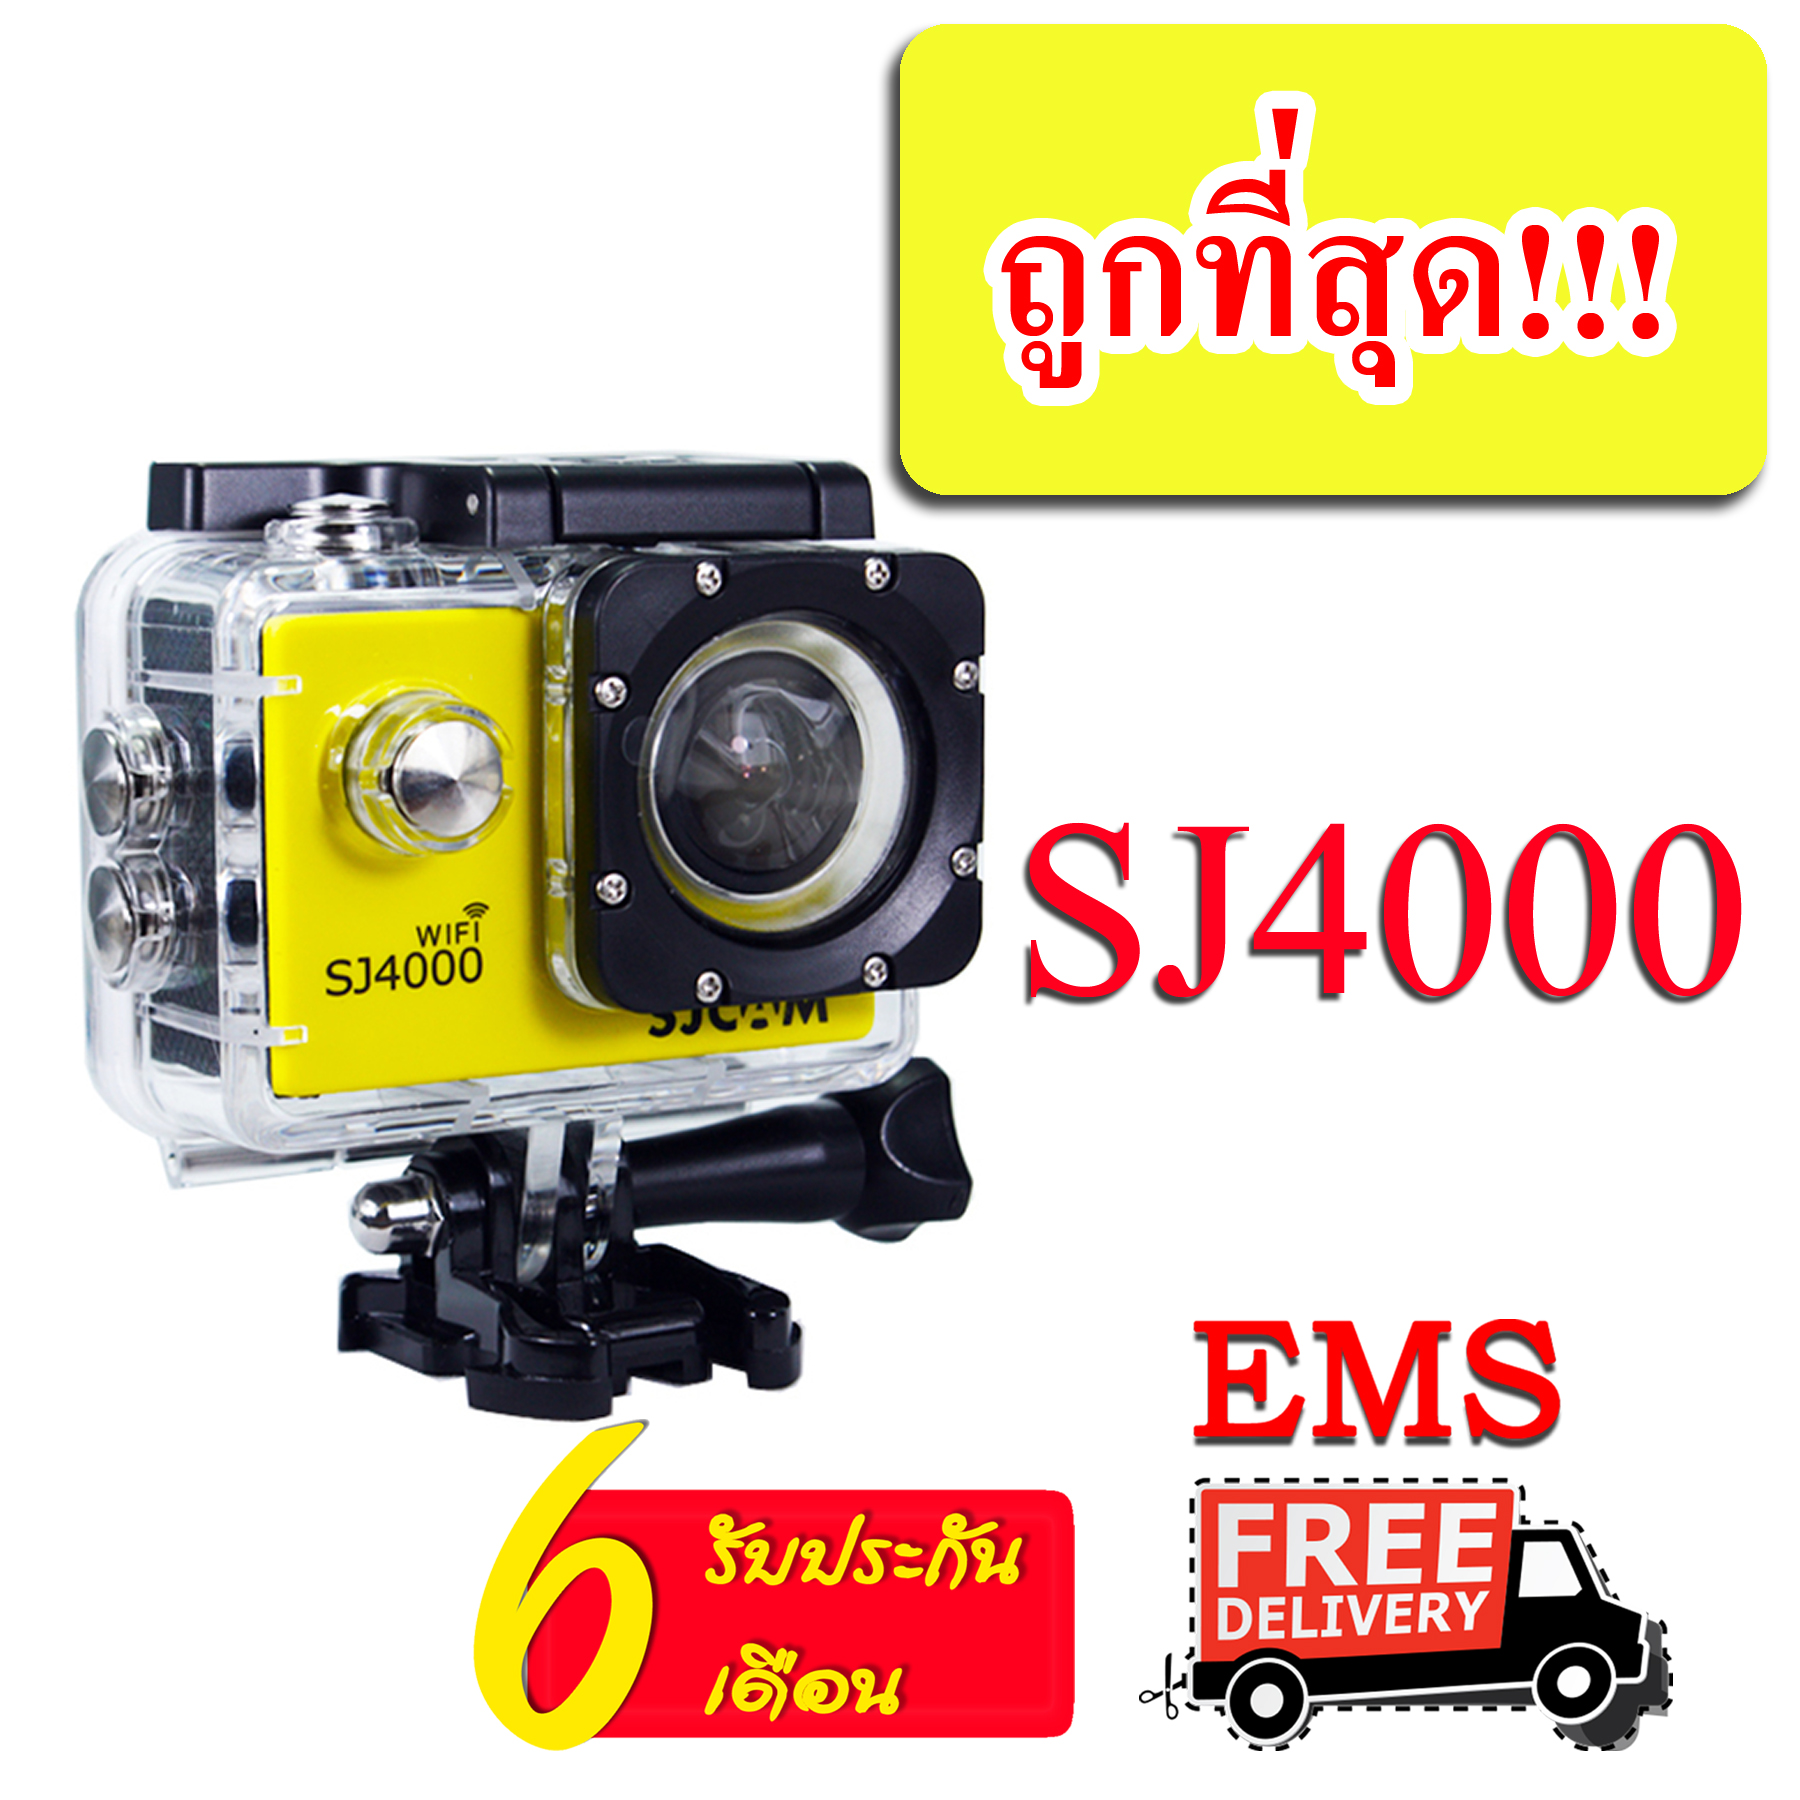 SJCAM SJ4000 WIFICAM กล้องaction cam กล้องติดรถยนต์ ของแท้ 100% (สีเหลือง) ราคาถูกที่สุด !!!